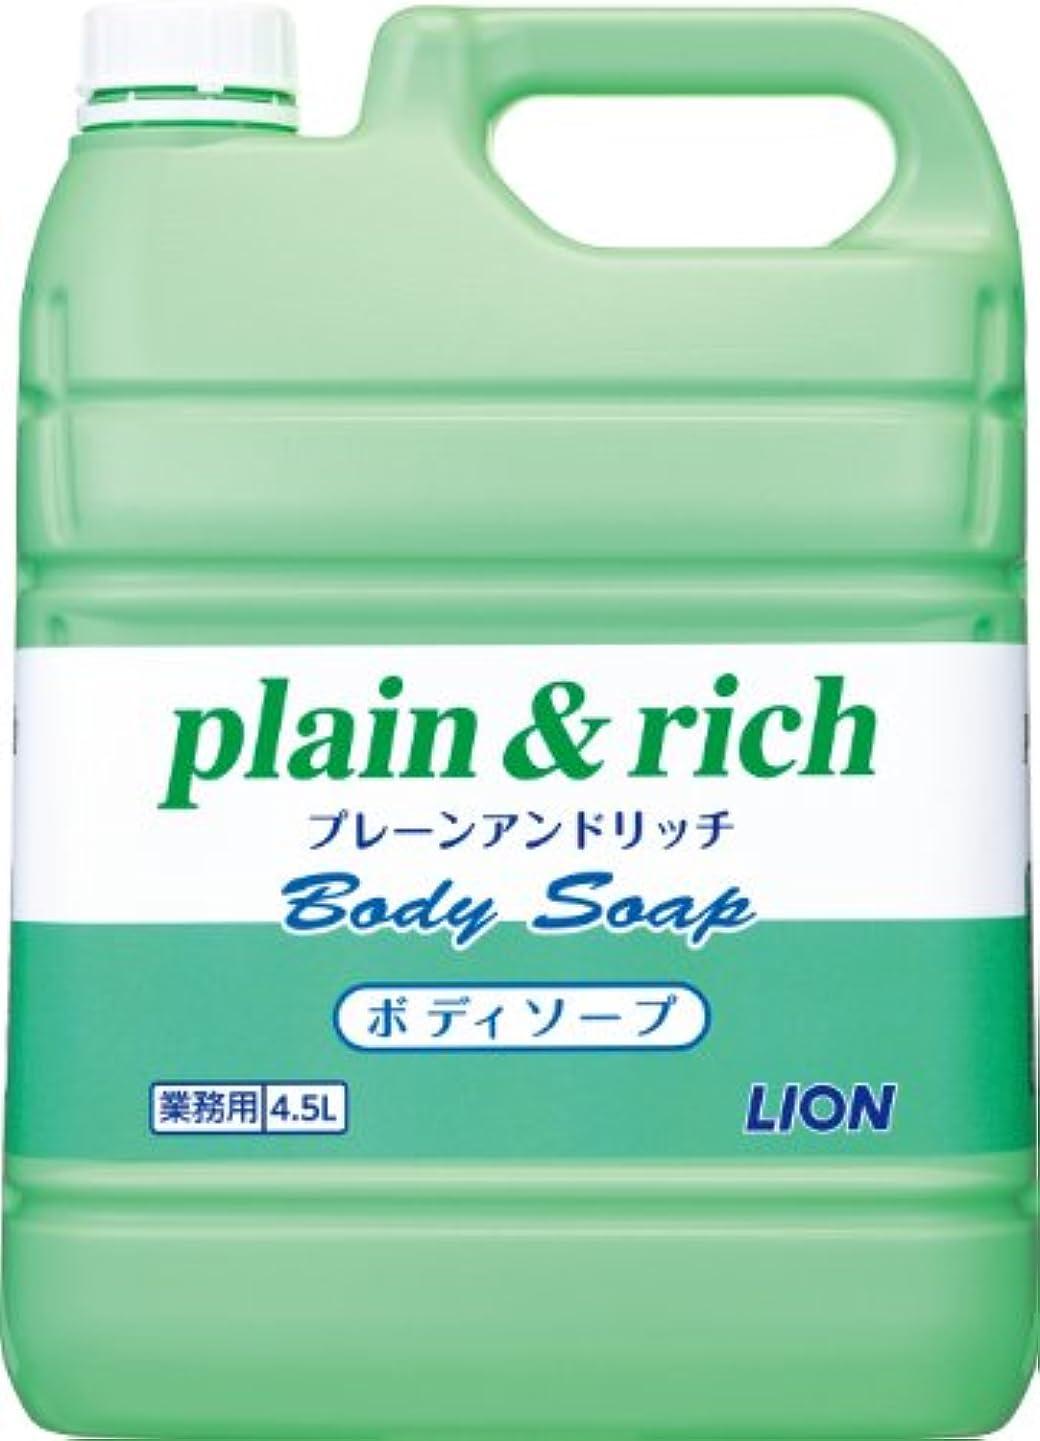 奇跡的なポーク傷つきやすい【業務用 大容量】プレーン&リッチ ボディソープ 4.5L